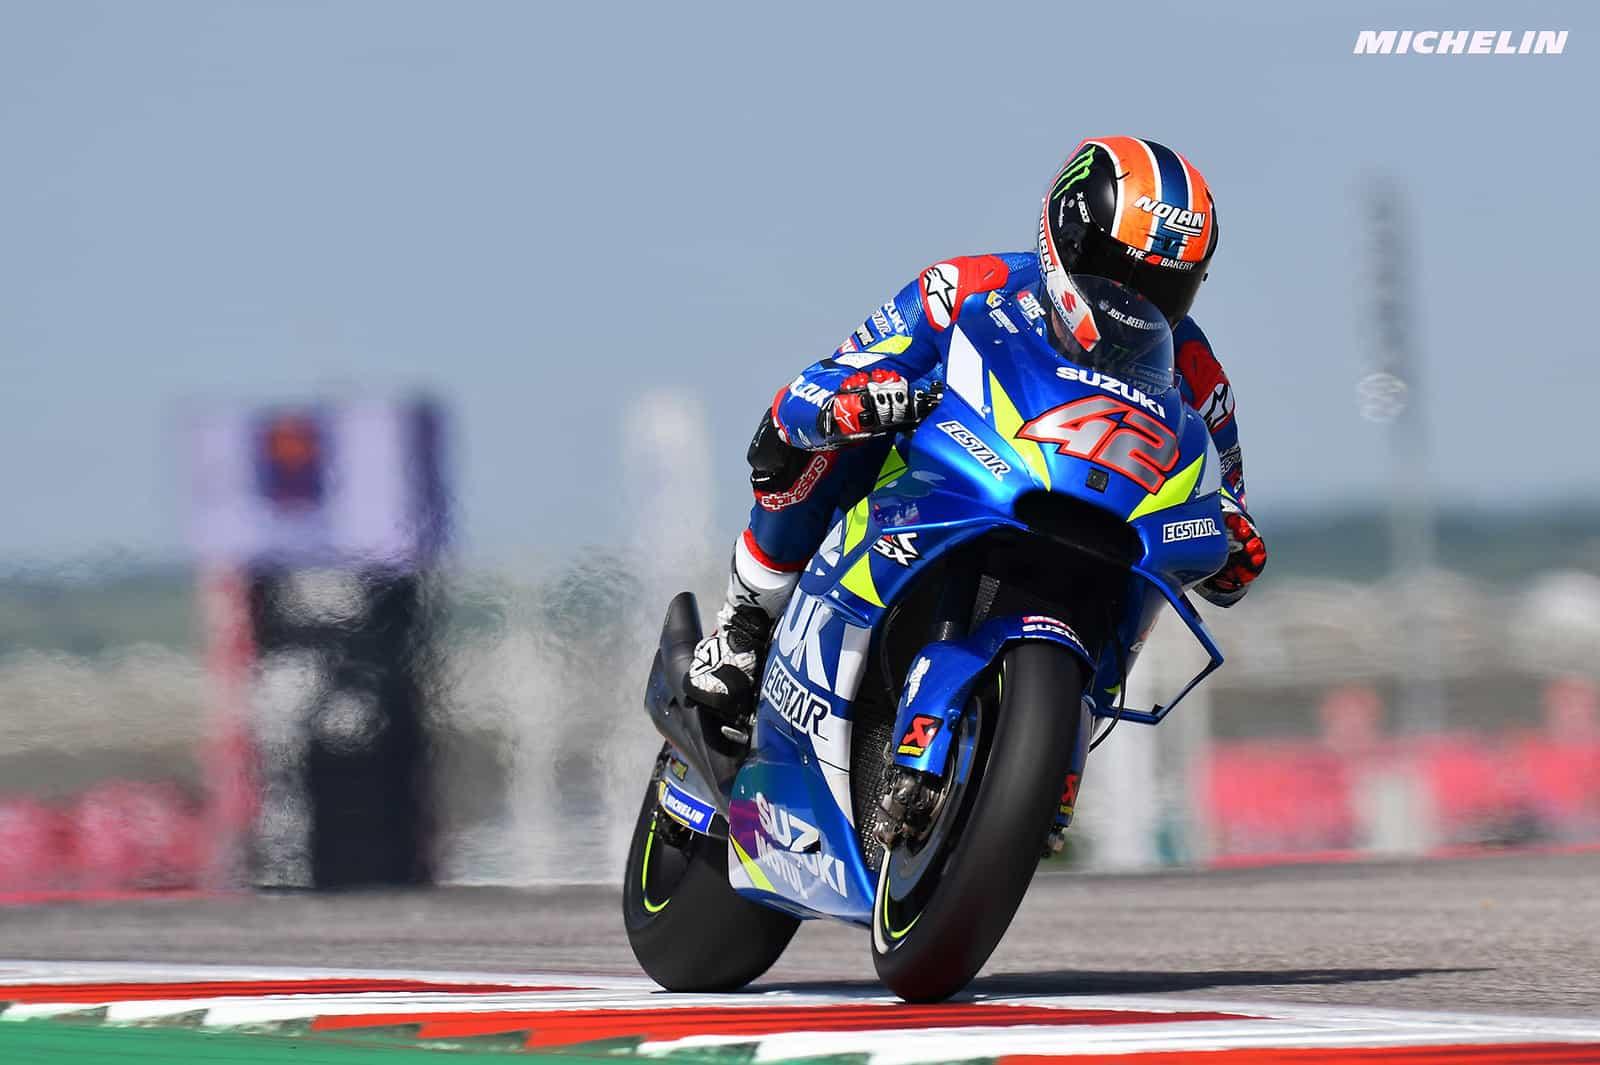 MotoGP2019ヘレスGP リンス「これからコンスタントにレースをしていくことが重要」